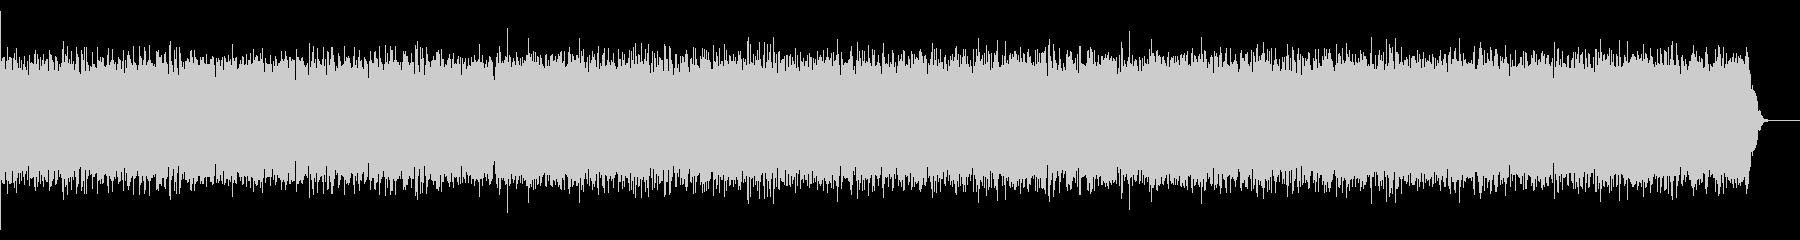 管弦楽組曲第一番 クーラントの未再生の波形